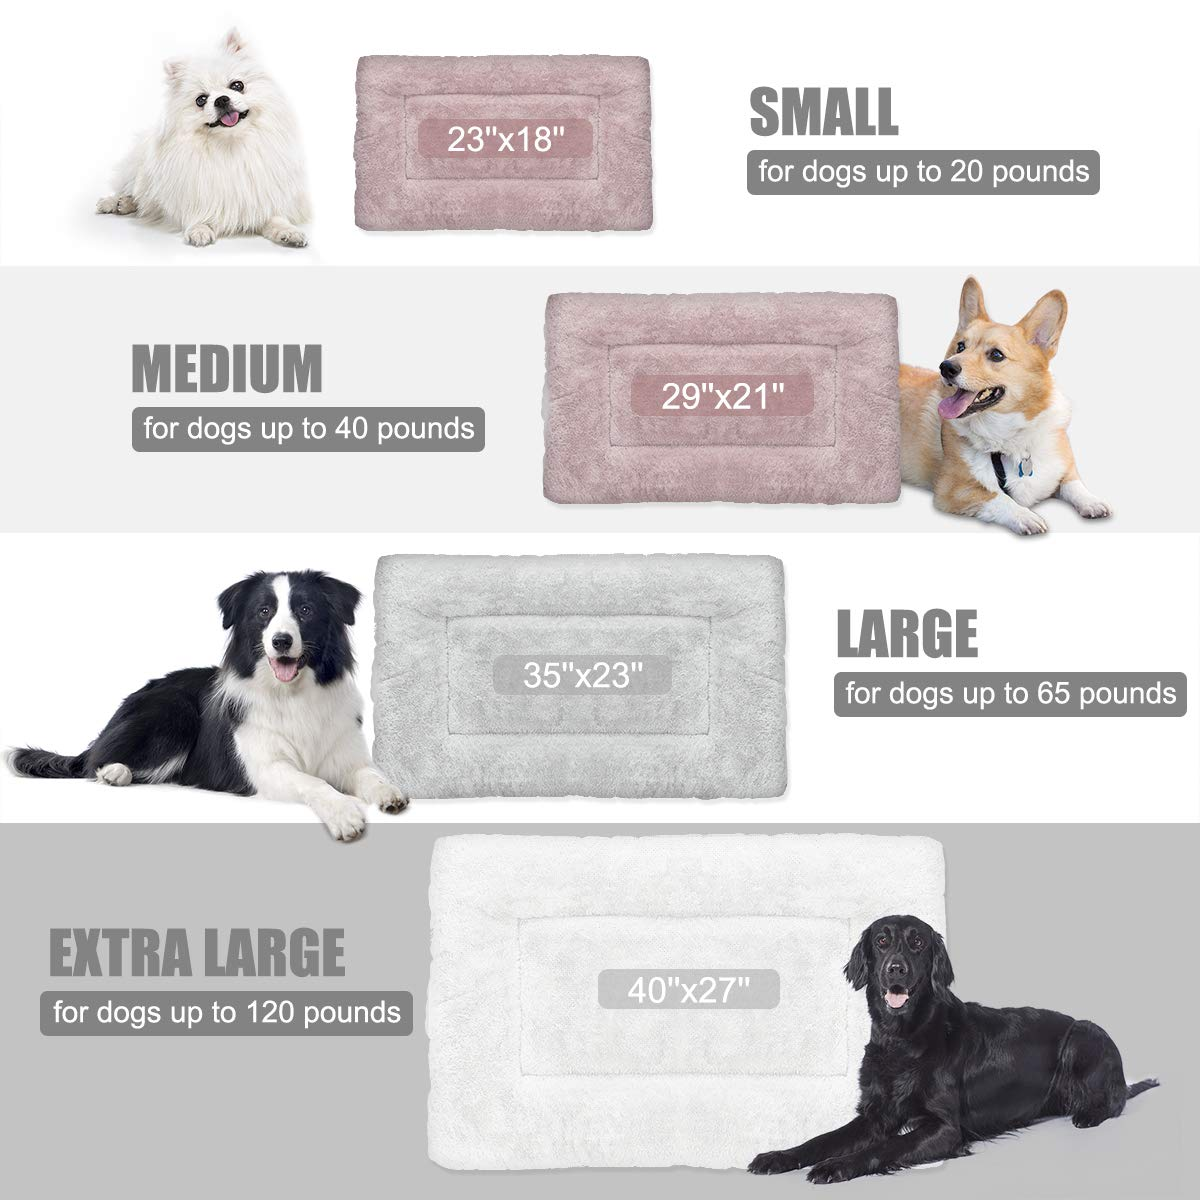 Amazon.com: SIWA MARY - Colchón para cama de perro, suave ...